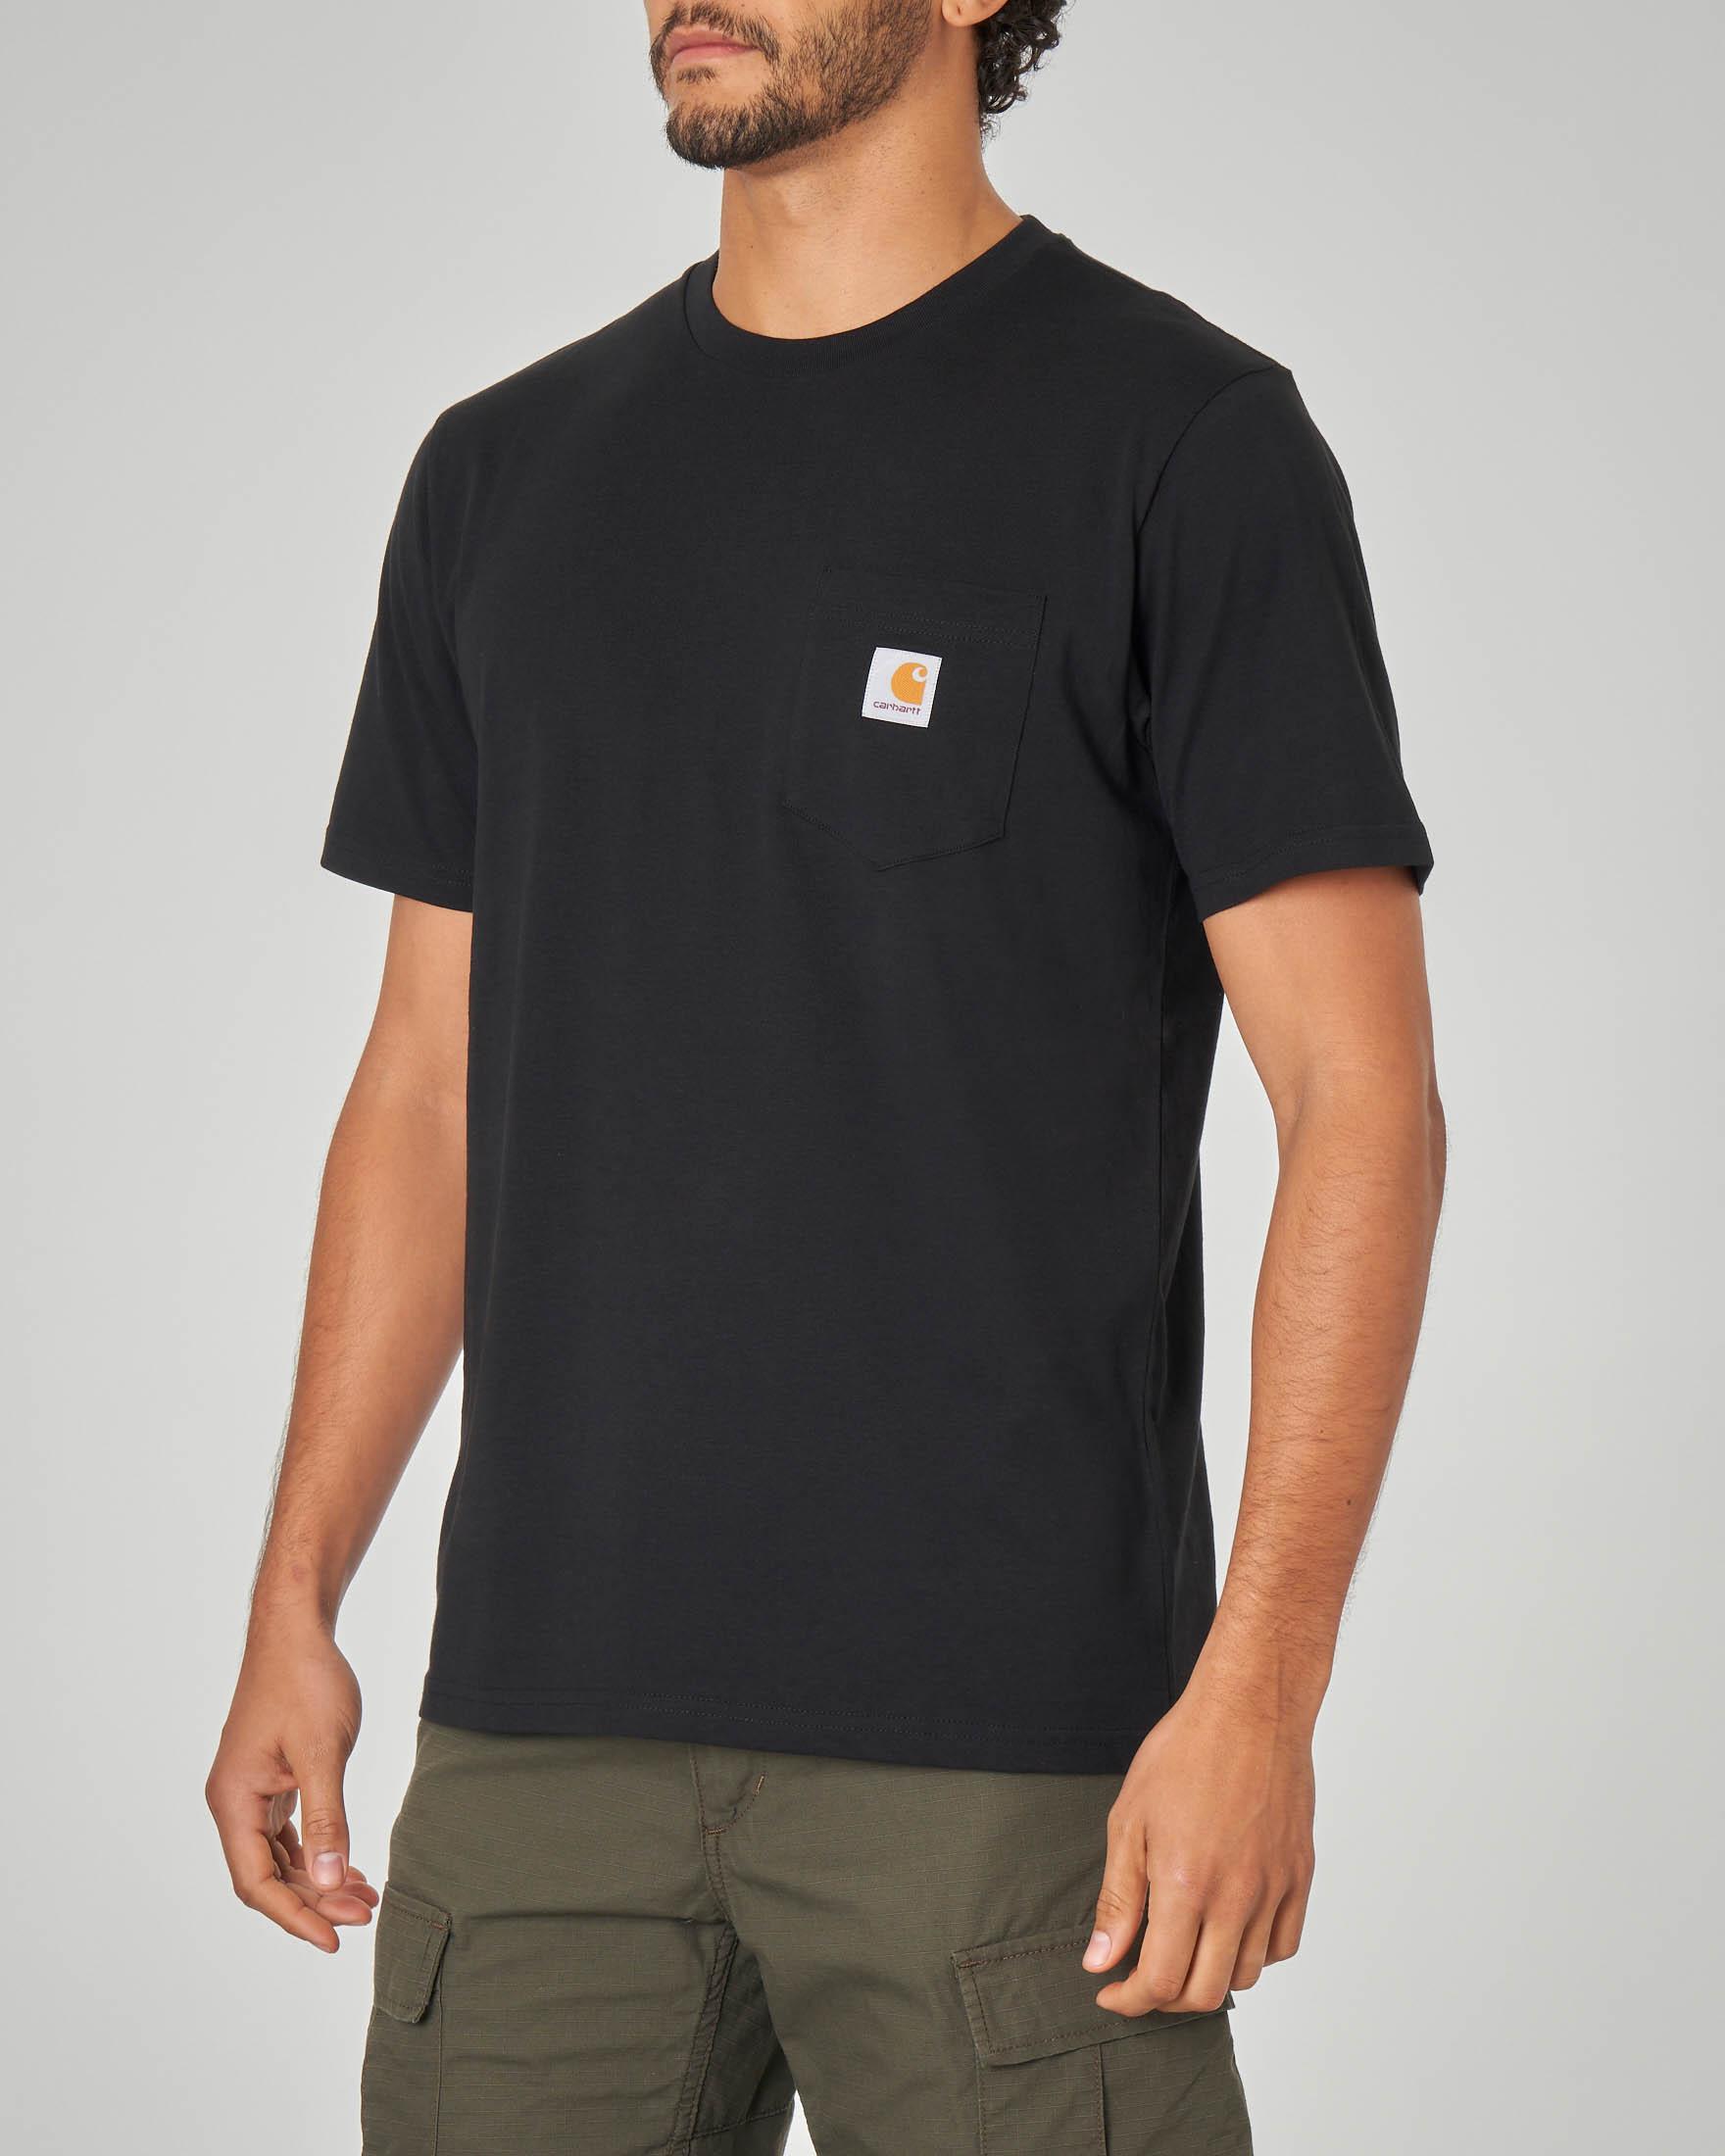 T-shirt nera con taschino